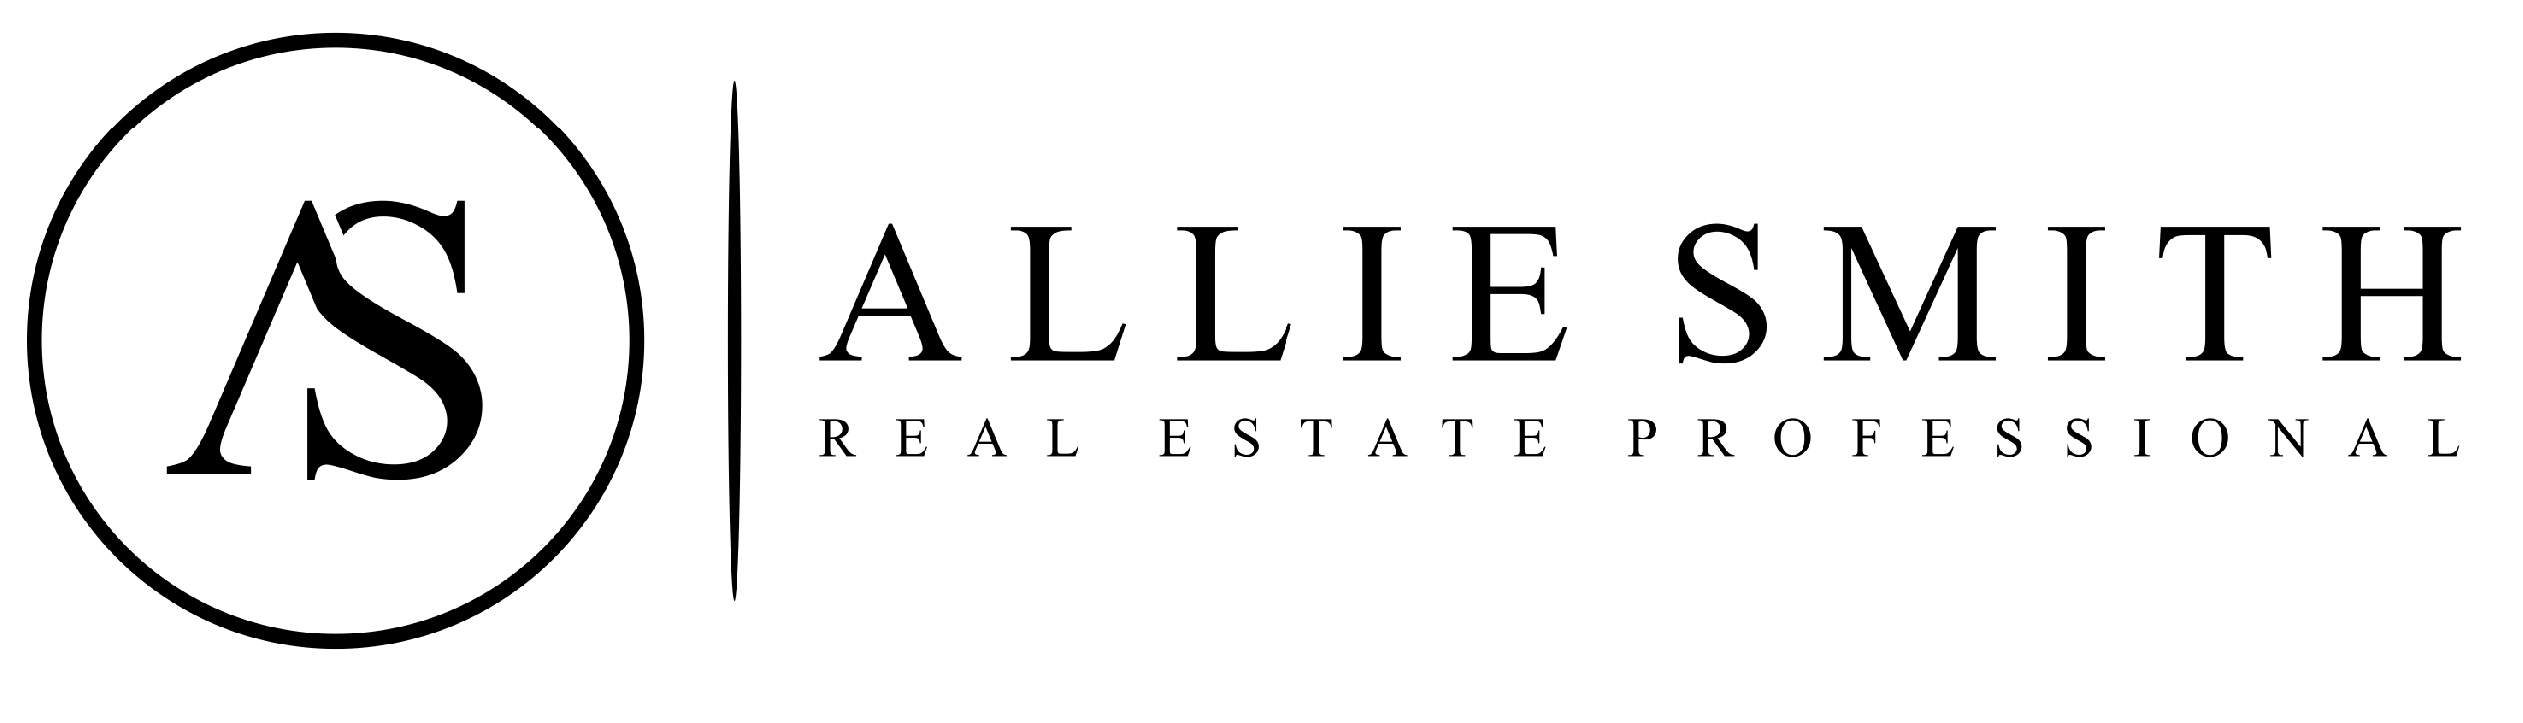 allie smith logo